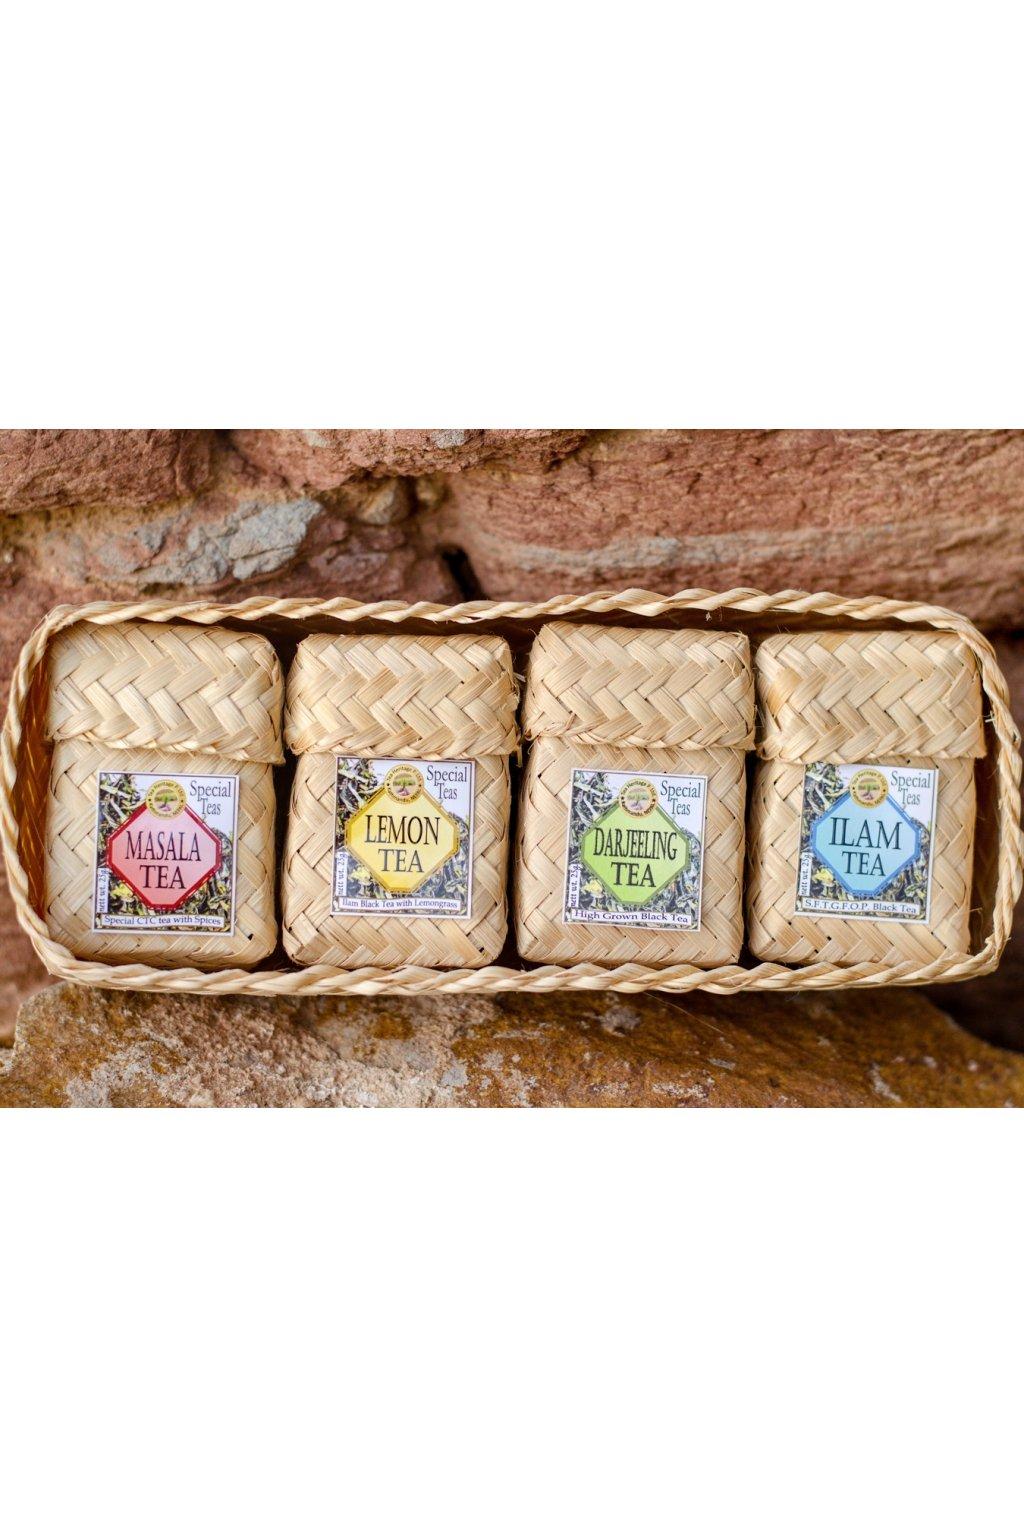 Čtyři druhy čajů v dárkovém balení